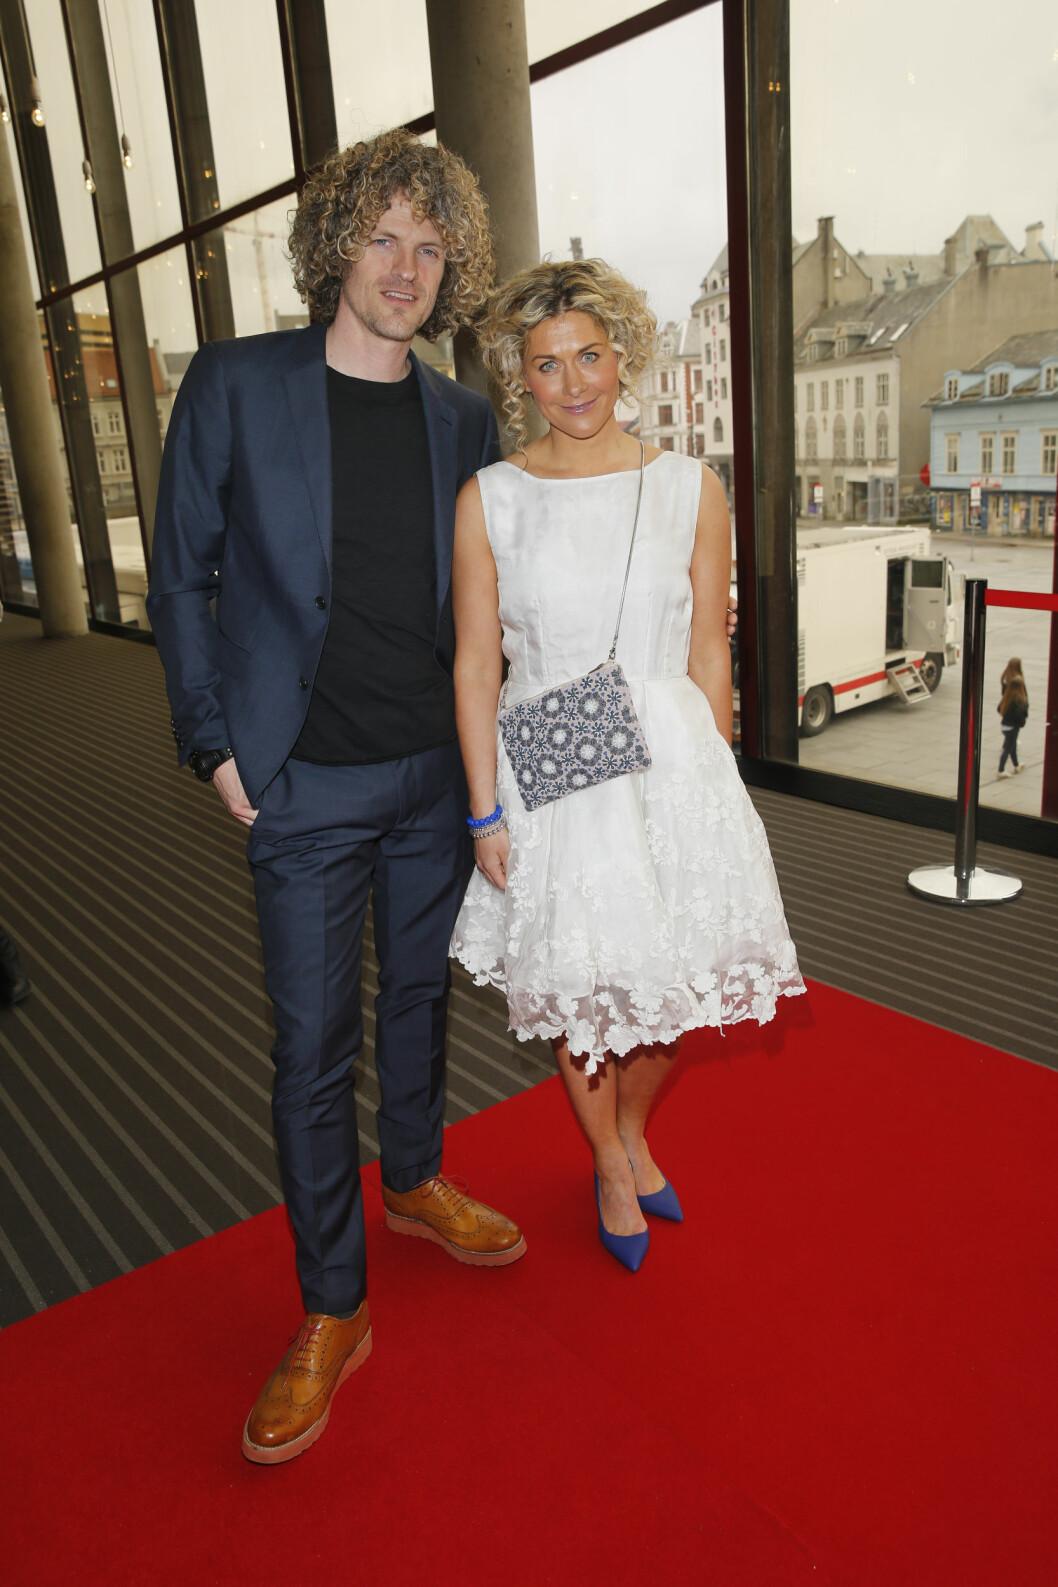 PÅ FEST: Alexander Gamme og Cecilie Skog Foto: Andreas Fadum, Se og Hør